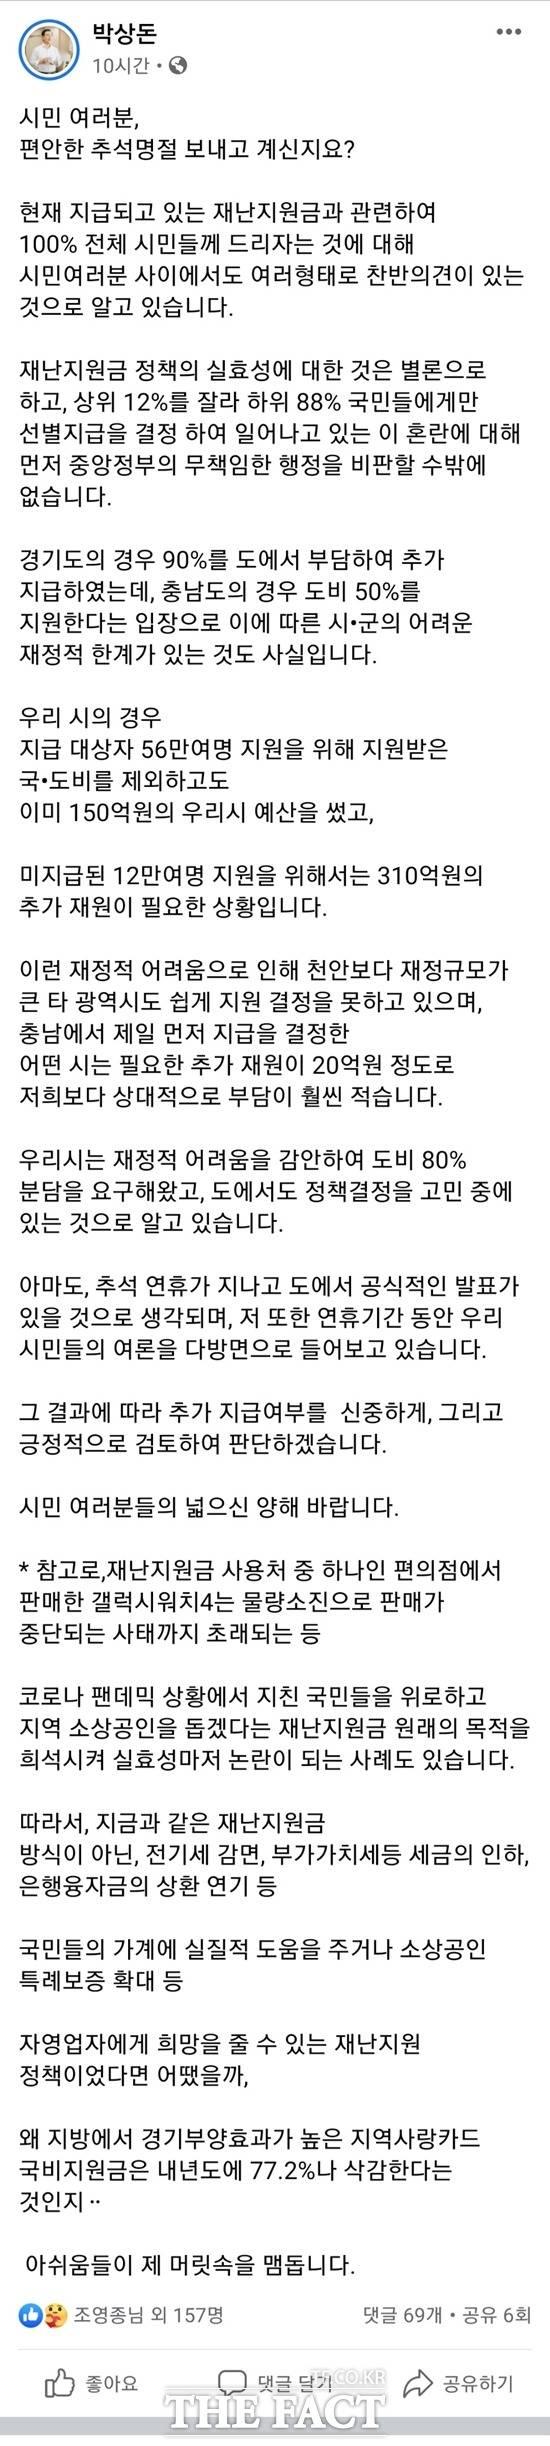 박상돈 천안시장이 자신의 SNS를 통해 5차 재난지원금 전 시민 지급에 대한 고민을 토로하며 연휴 기간 중 신중하고 긍정적으로 검토하겠다고 밝혔다. / 박상돈 시장 페이스북